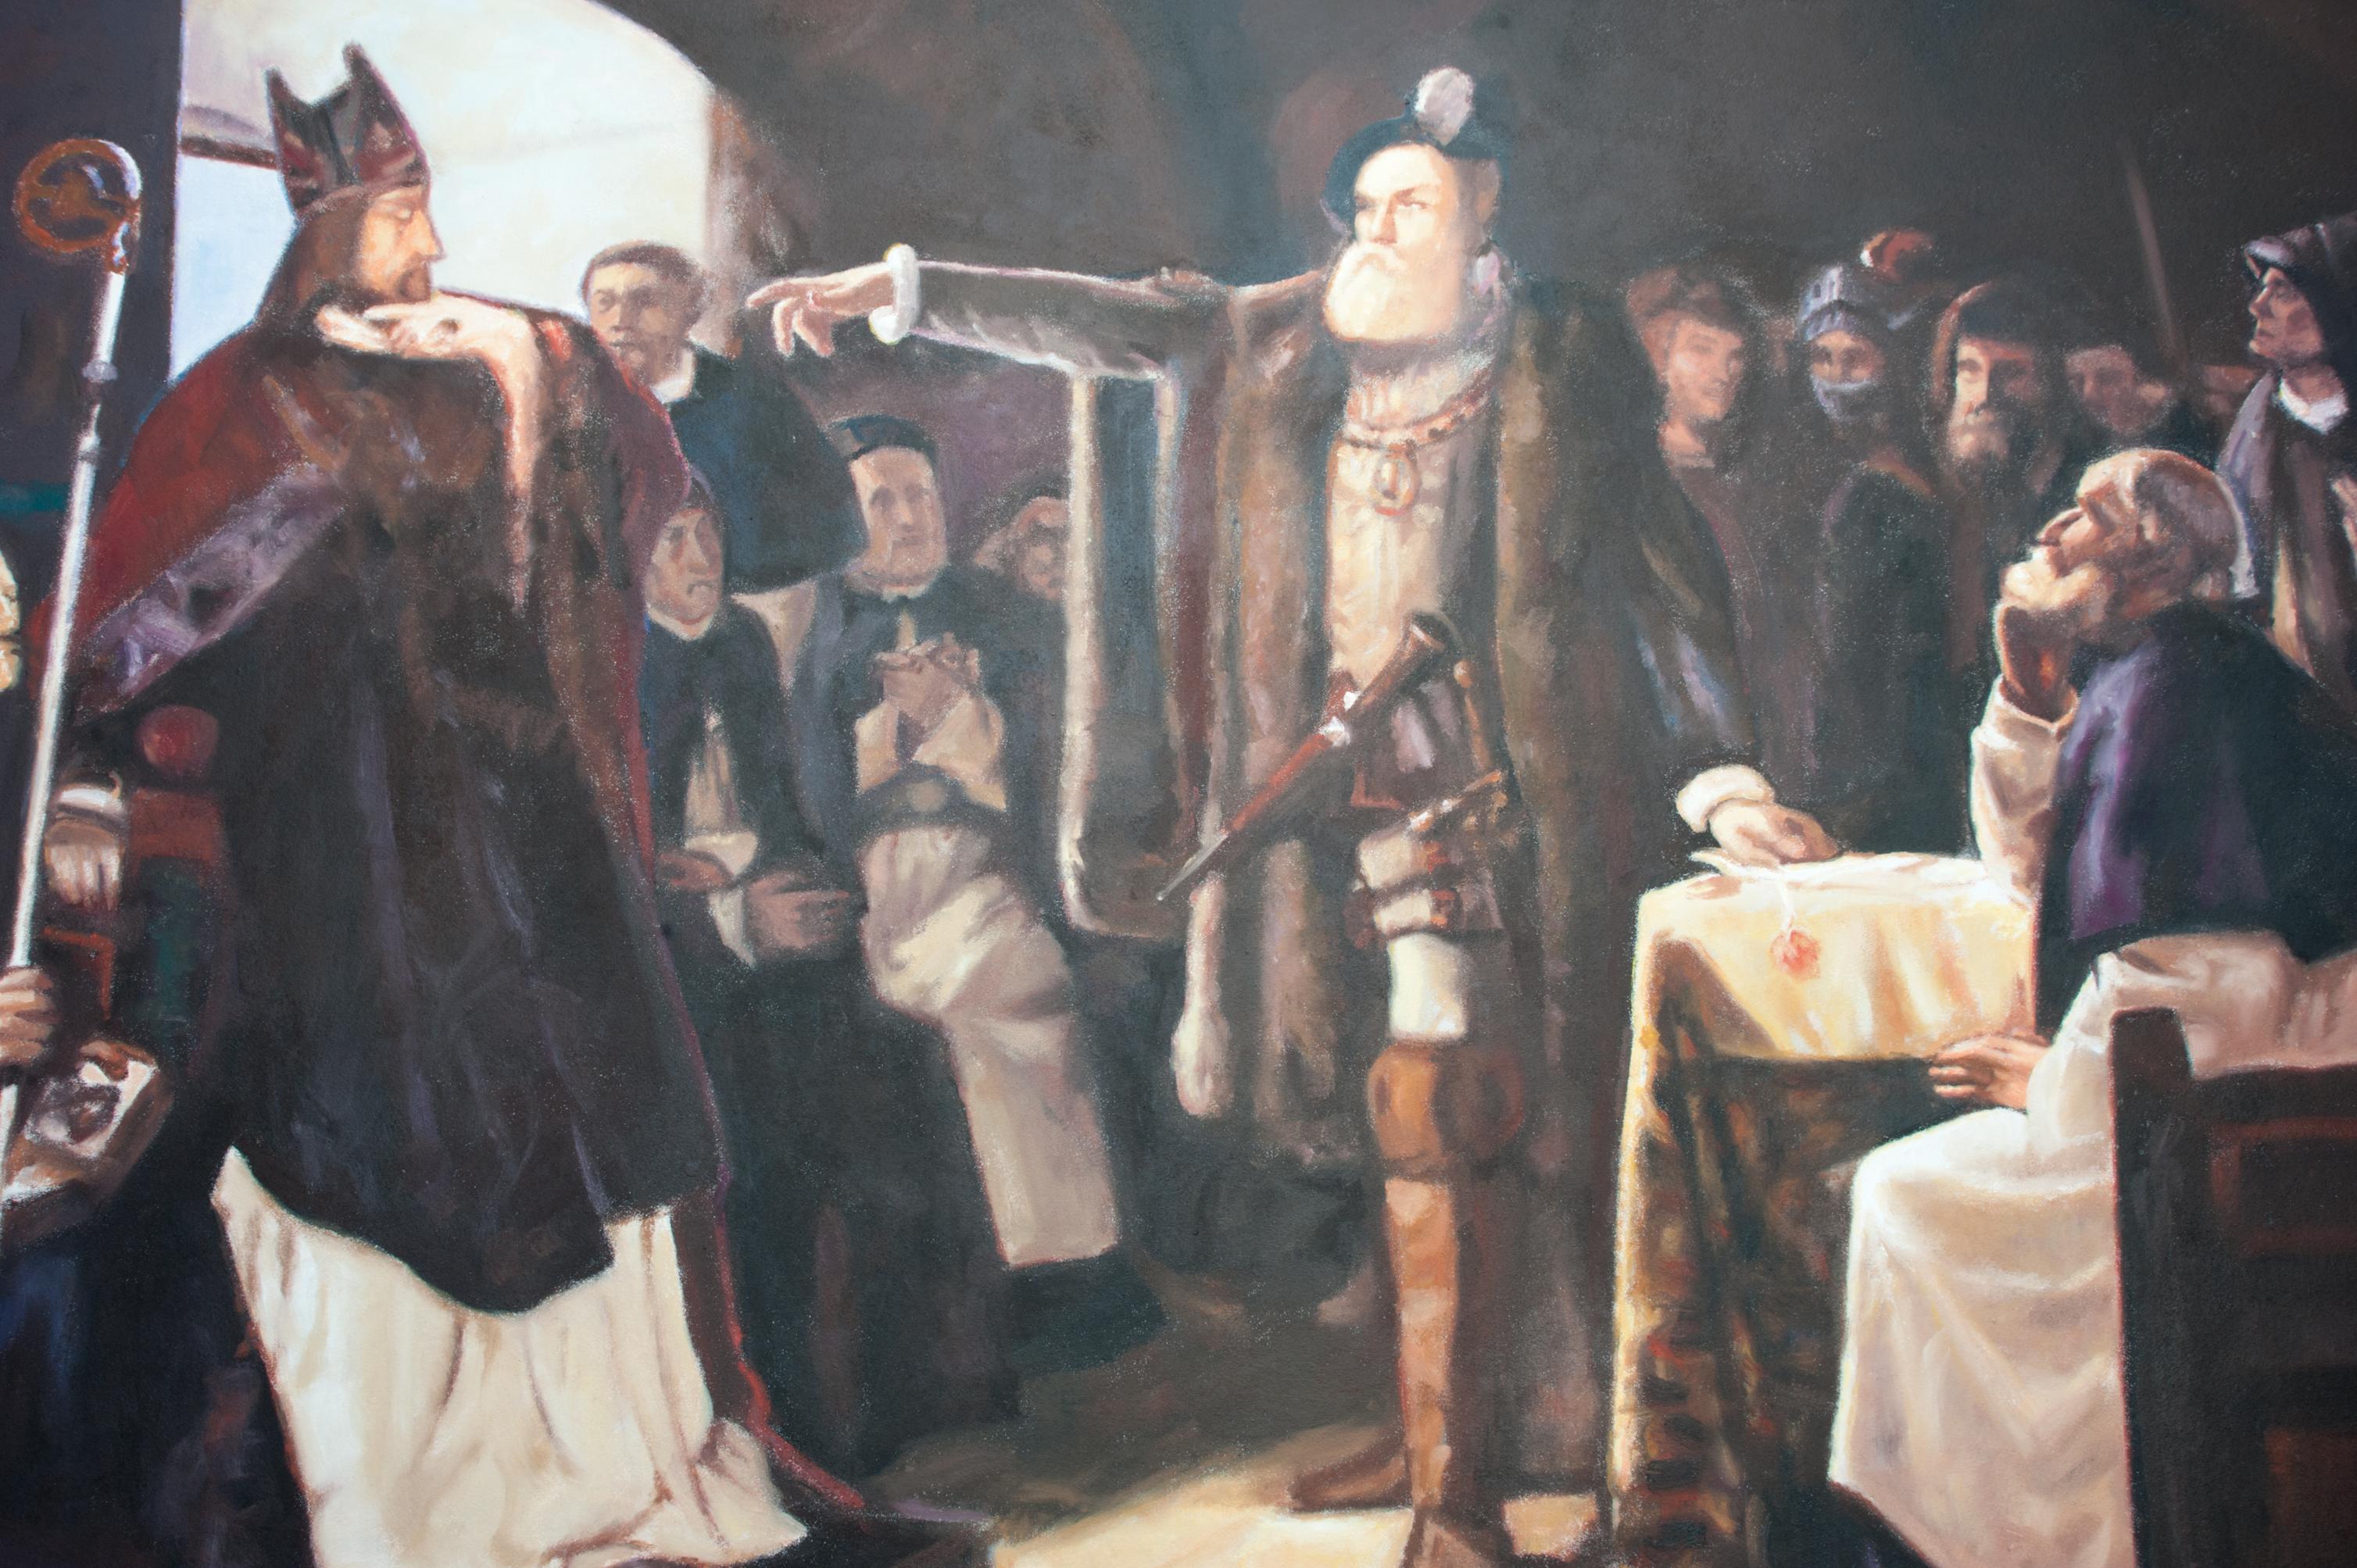 Reproduktion av Claes-Åke Schlönzig - Ernst Josephsson - Gustav Vasa anklagar Peder Sunnanväder